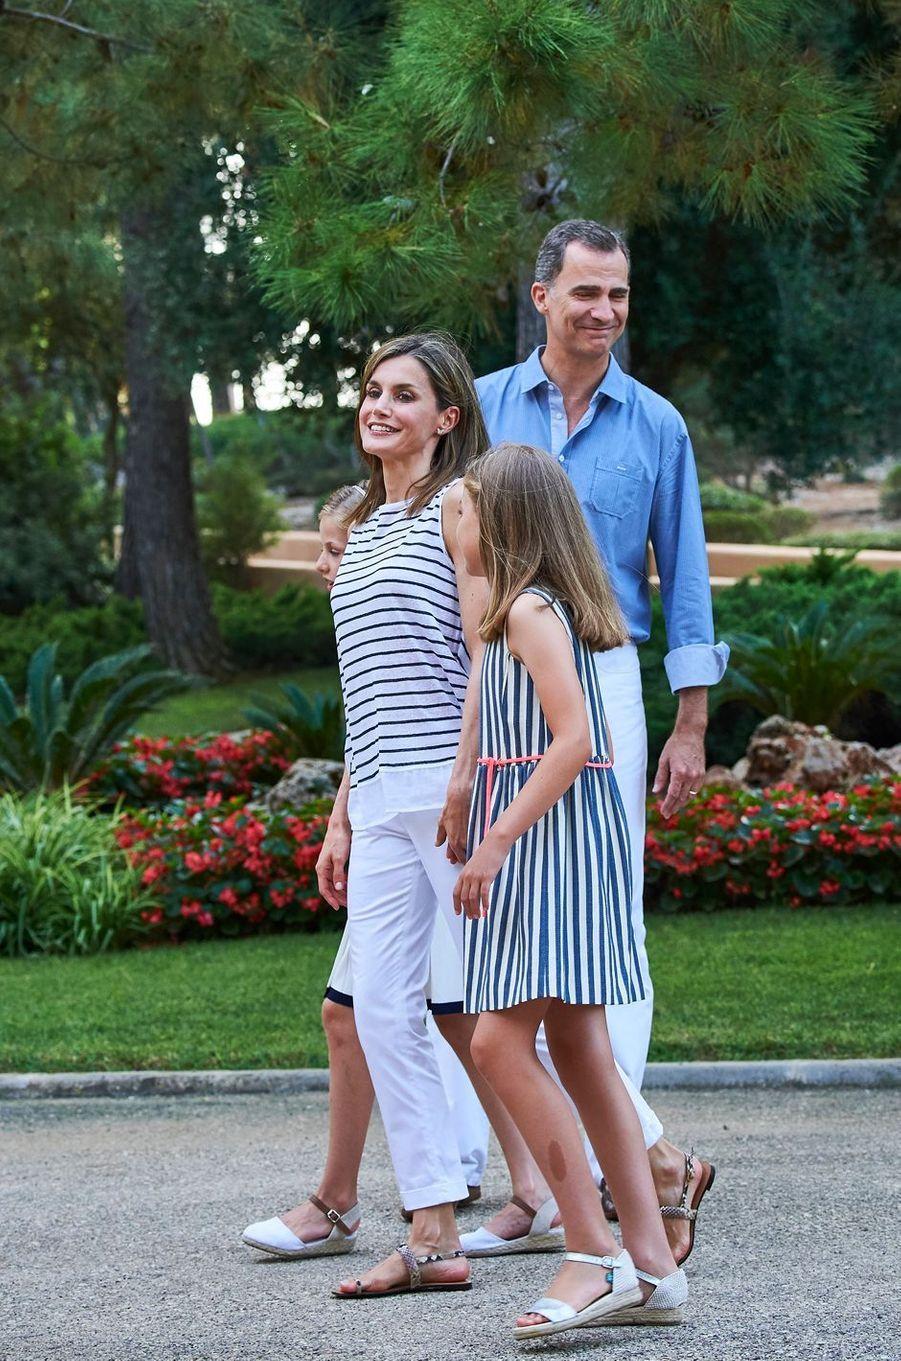 La reine Letizia et le roi Felipe VI d'Espagne avec la princesse Sofia à Palma de Majorque, le 4 août 2016